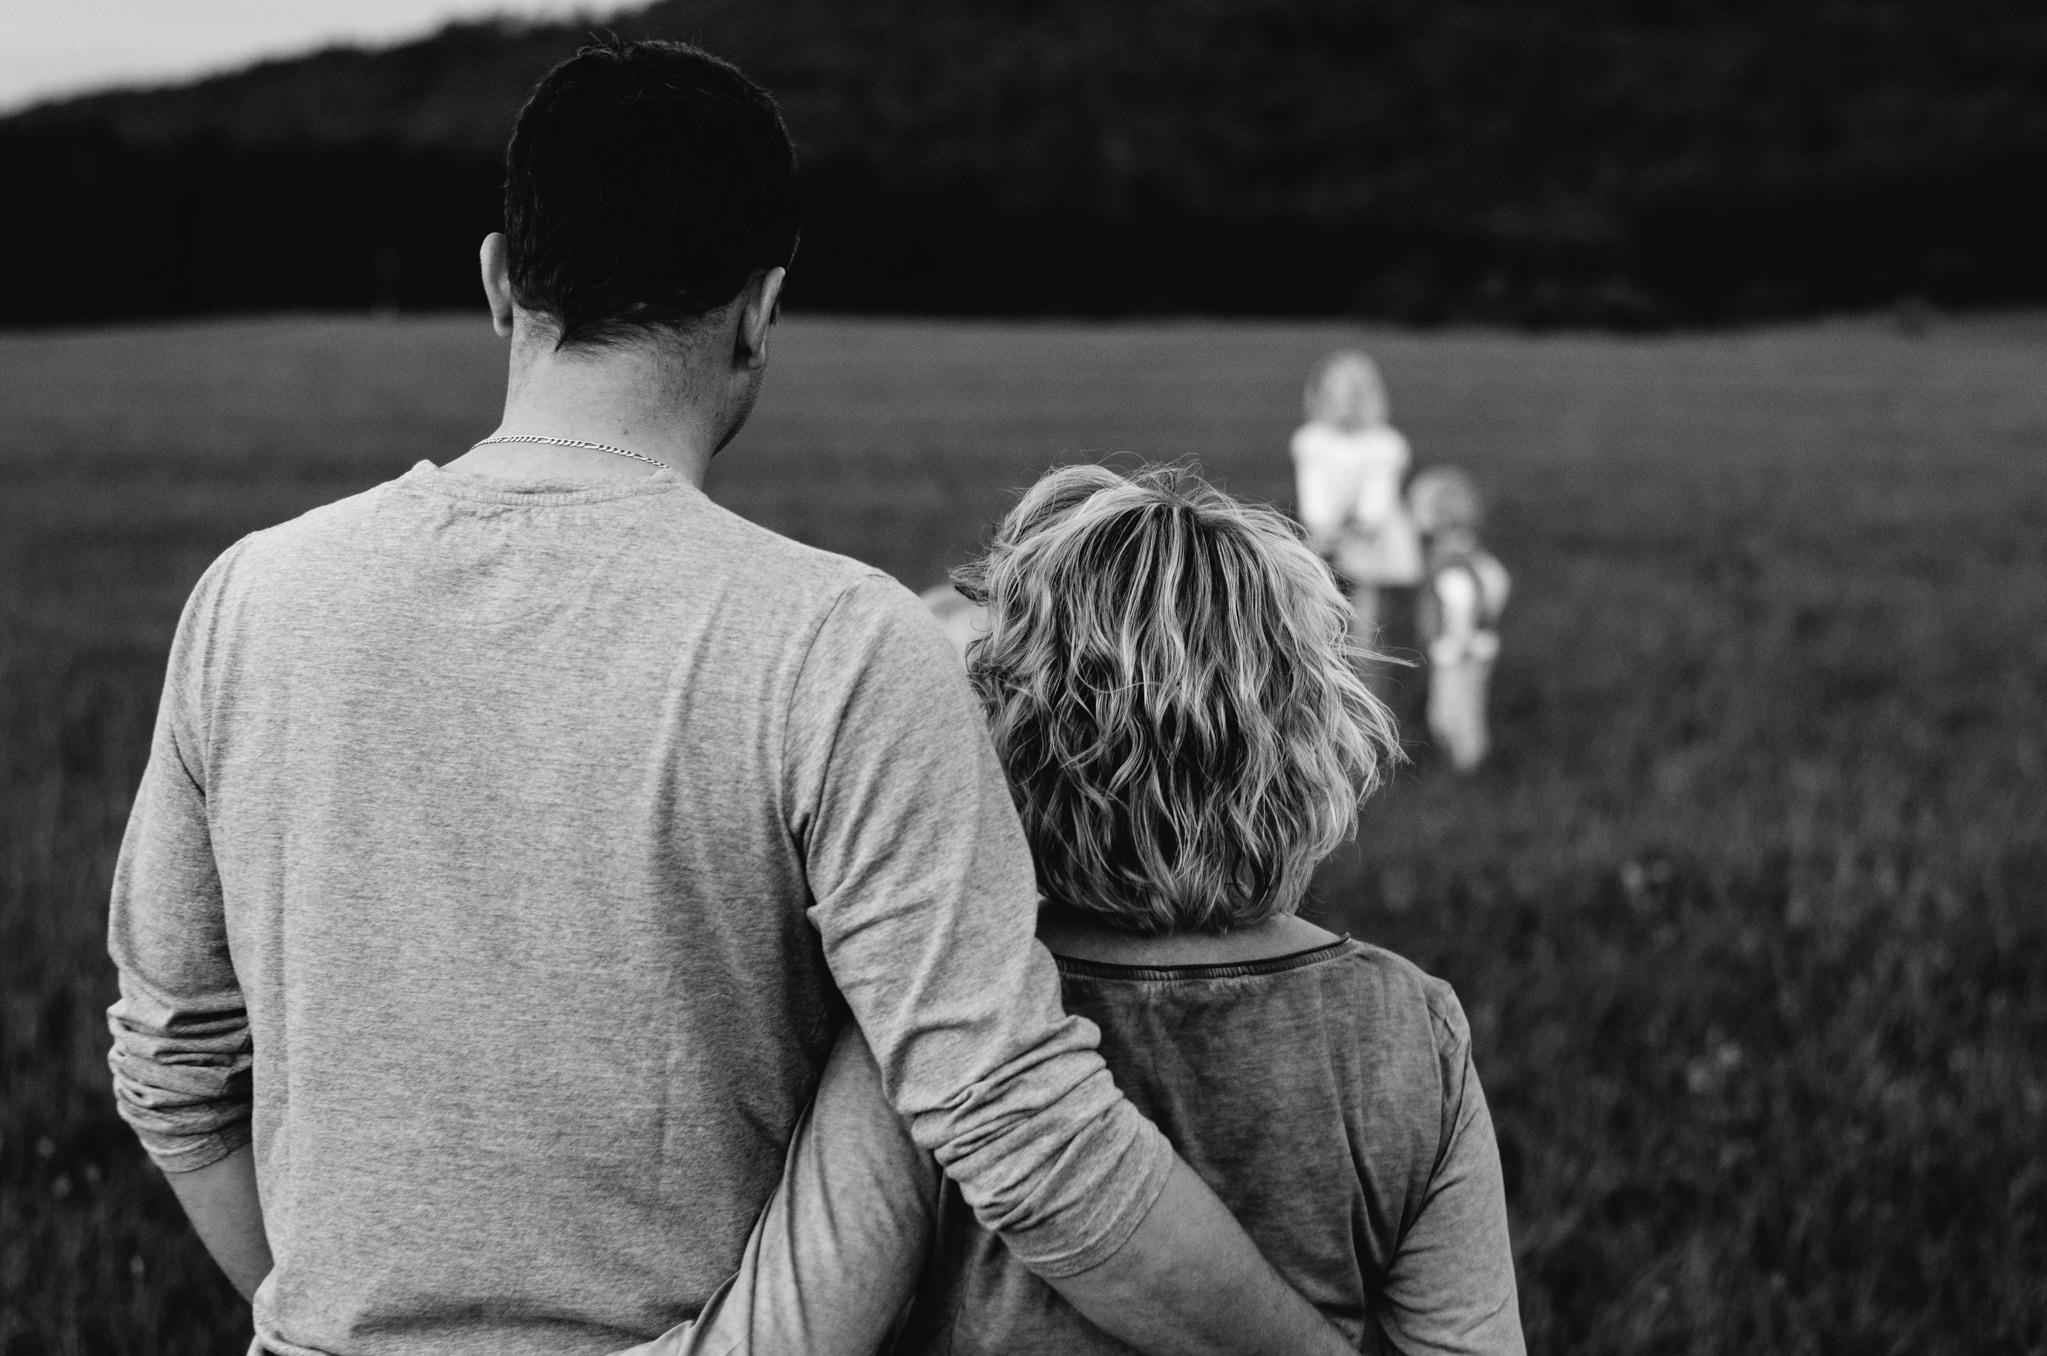 Familienfotos  Ein Fotoshooting in familirer Atmosphre